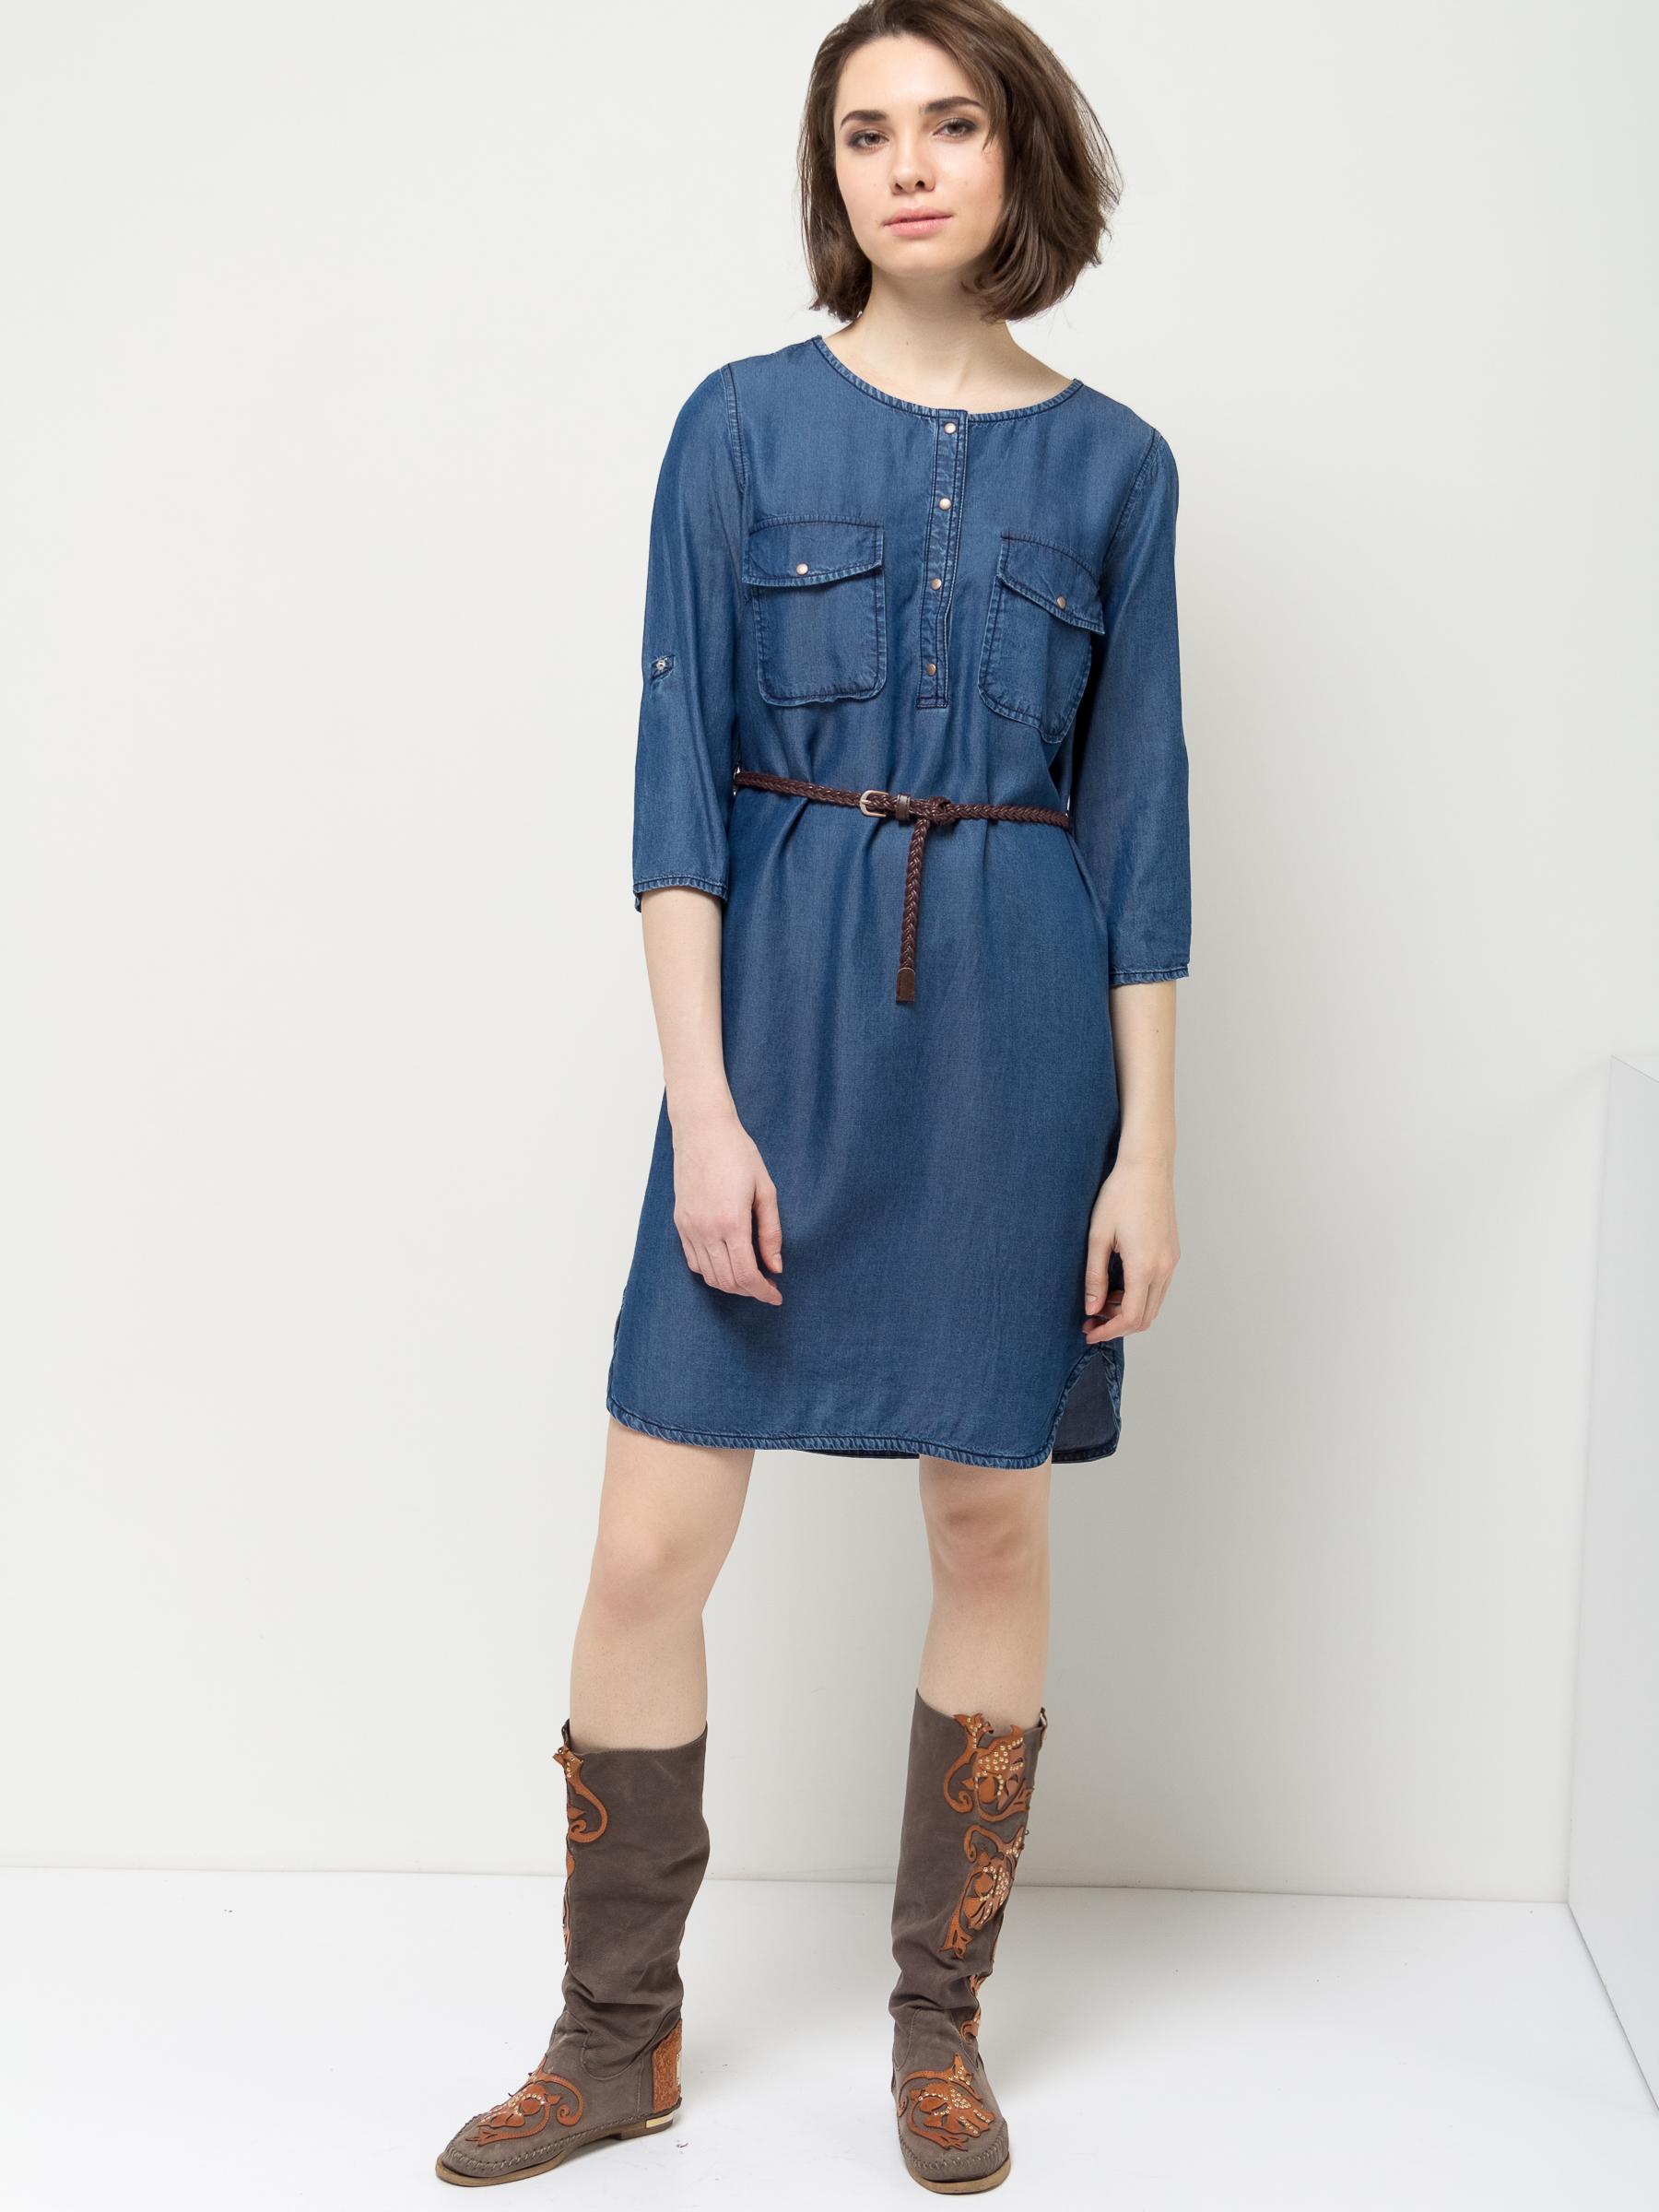 Платье Sela, цвет: синий джинс. Dj-137/012-7161. Размер 44Dj-137/012-7161Стильное платье Sela выполнено из легкого материала, имитирующего джинс. Модель А-силуэта с круглым вырезом горловины и рукавами 3/4 застегивается на кнопки до середины груди и дополнена двумя накладными карманами с клапанами. Линию талии подчеркивает входящий в комплект плетеный ремешок из искусственной кожи. Рукава можно подвернуть и зафиксировать при помощи хлястиков на пуговицах. Платье миди-длины подойдет для прогулок и дружеских встреч и станет отличным дополнением гардероба. Мягкая ткань на основе вискозы комфортна и приятна на ощупь.